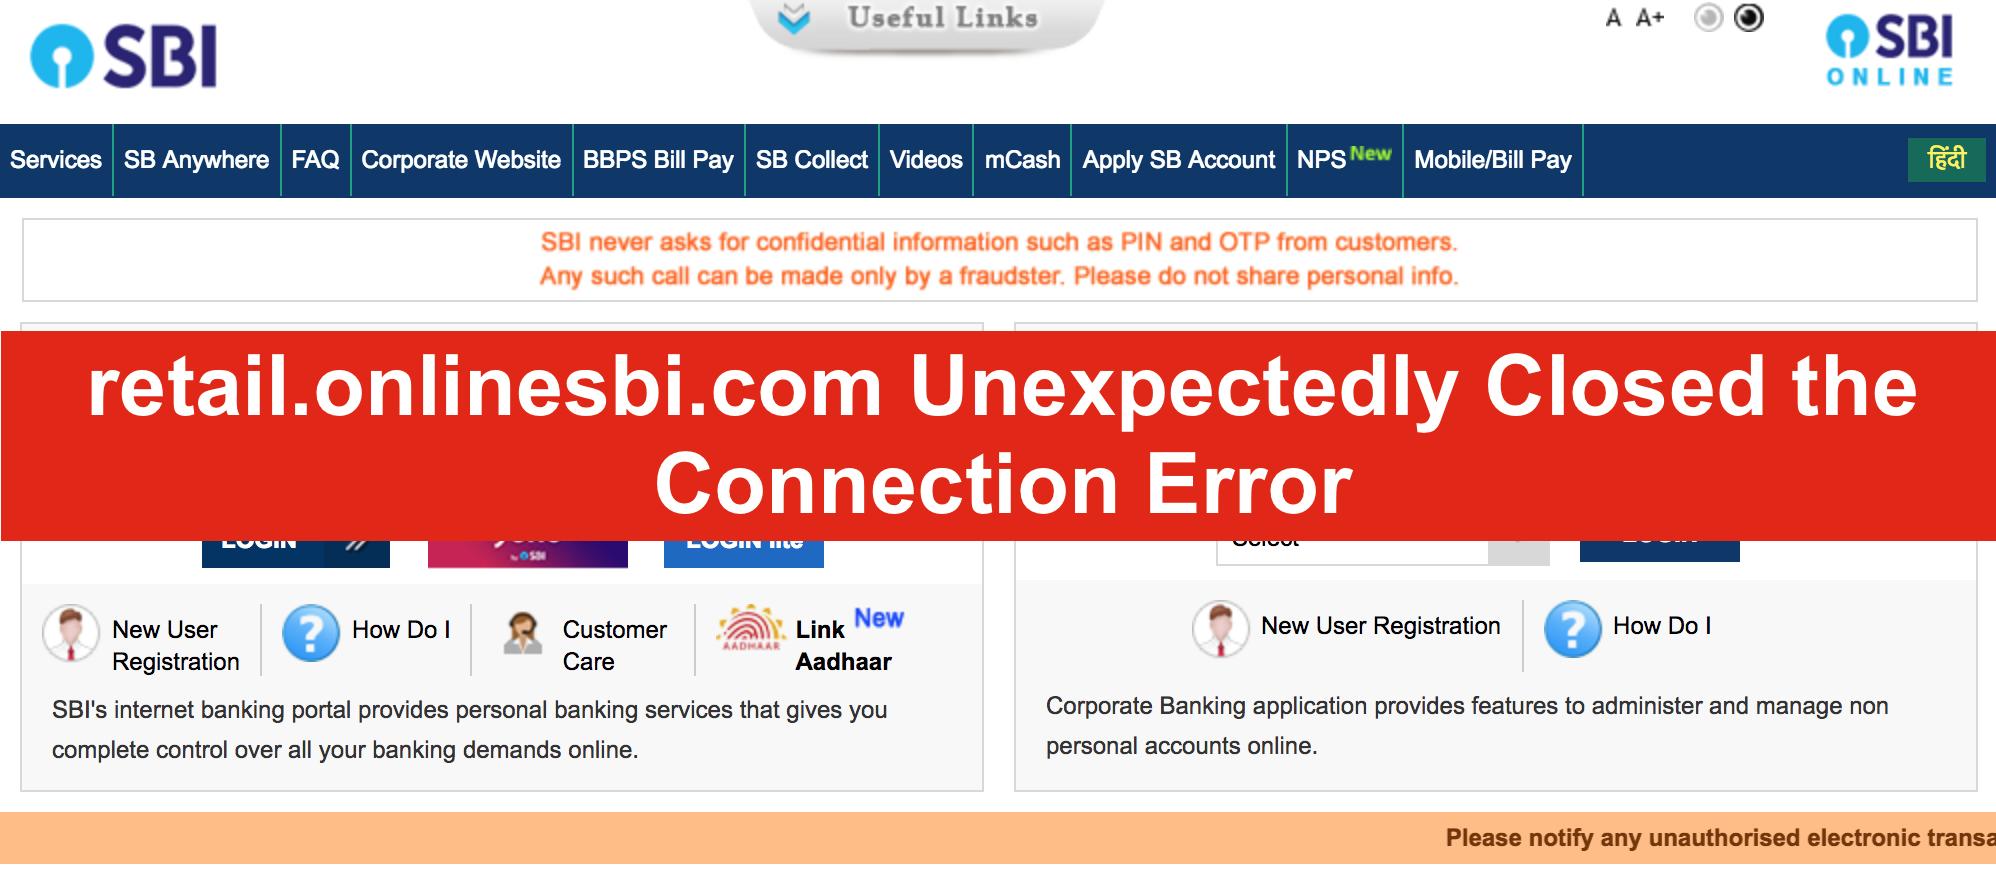 sbi internet banking/retail.login.com